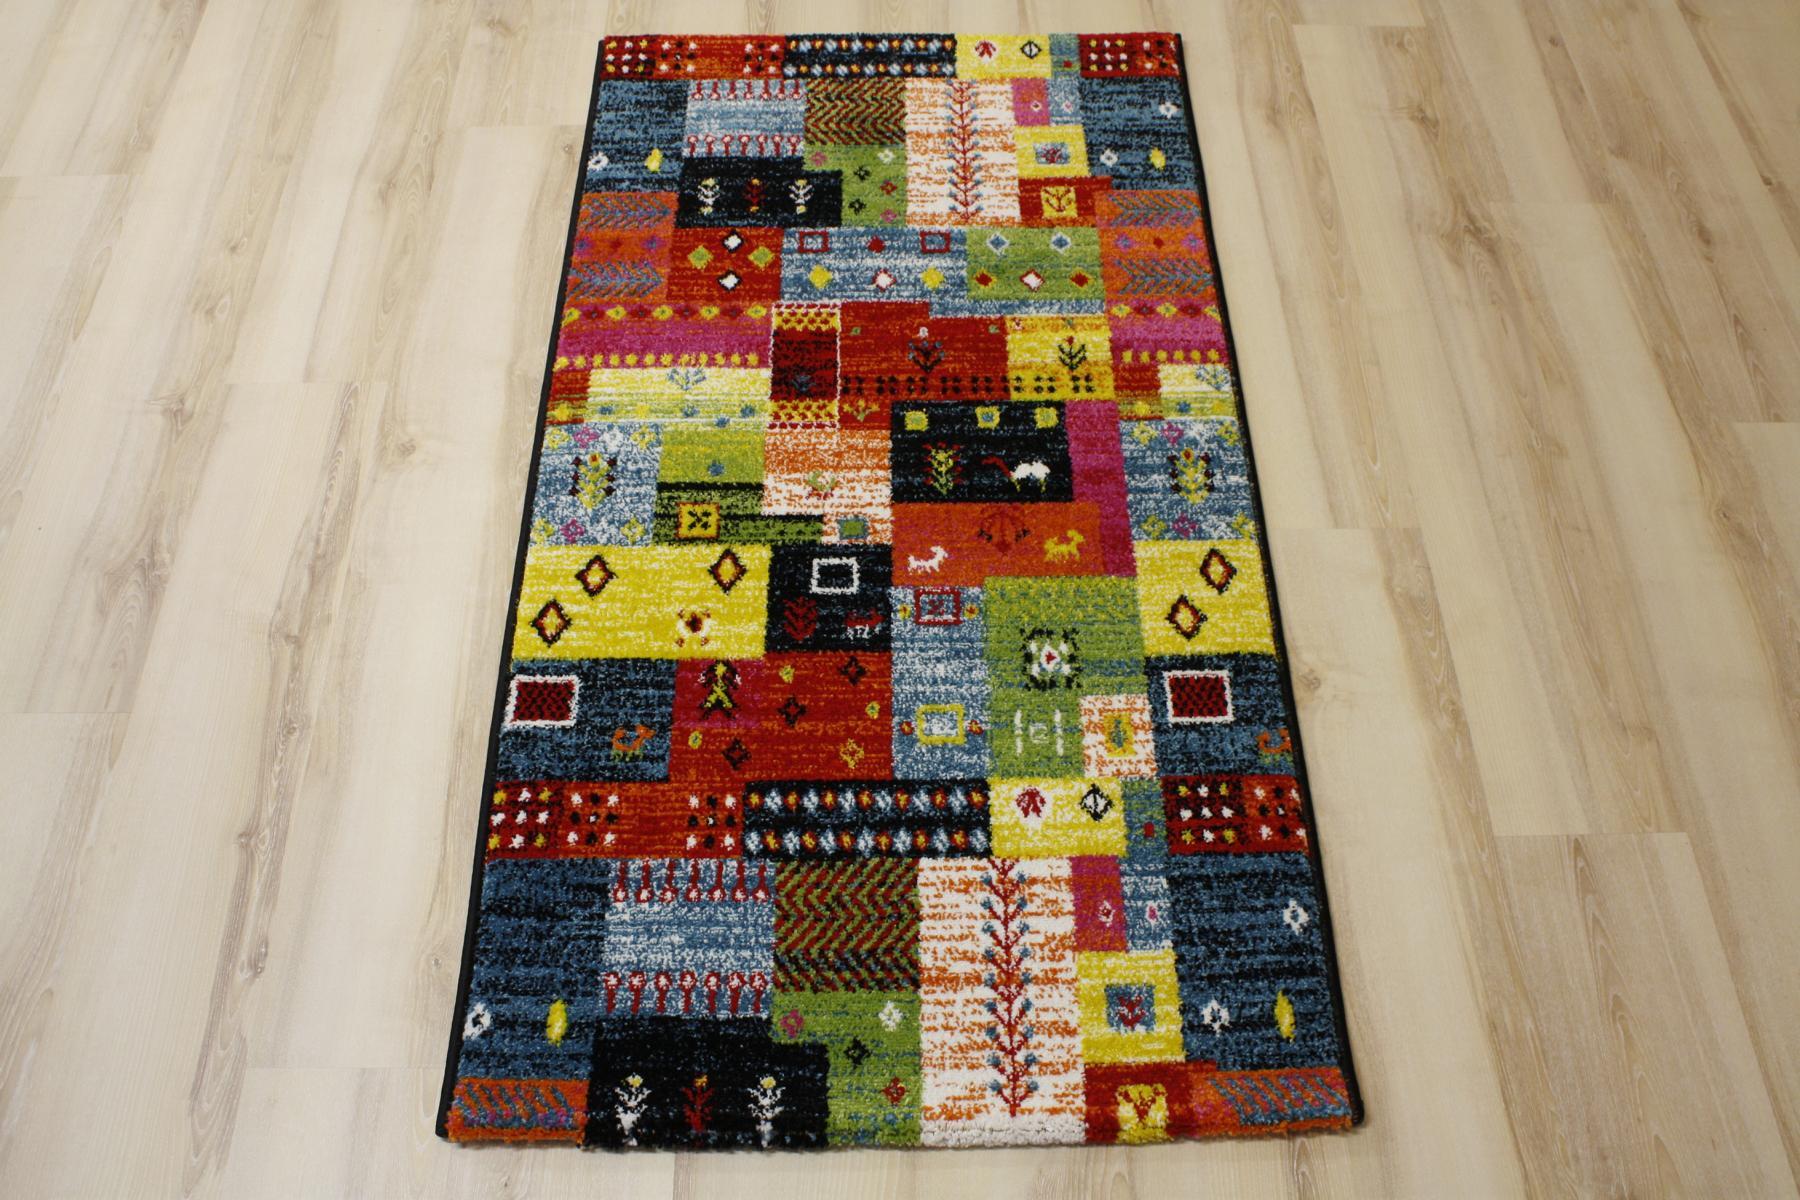 teppich multicolor designer ha028 modern 598 multi. Black Bedroom Furniture Sets. Home Design Ideas